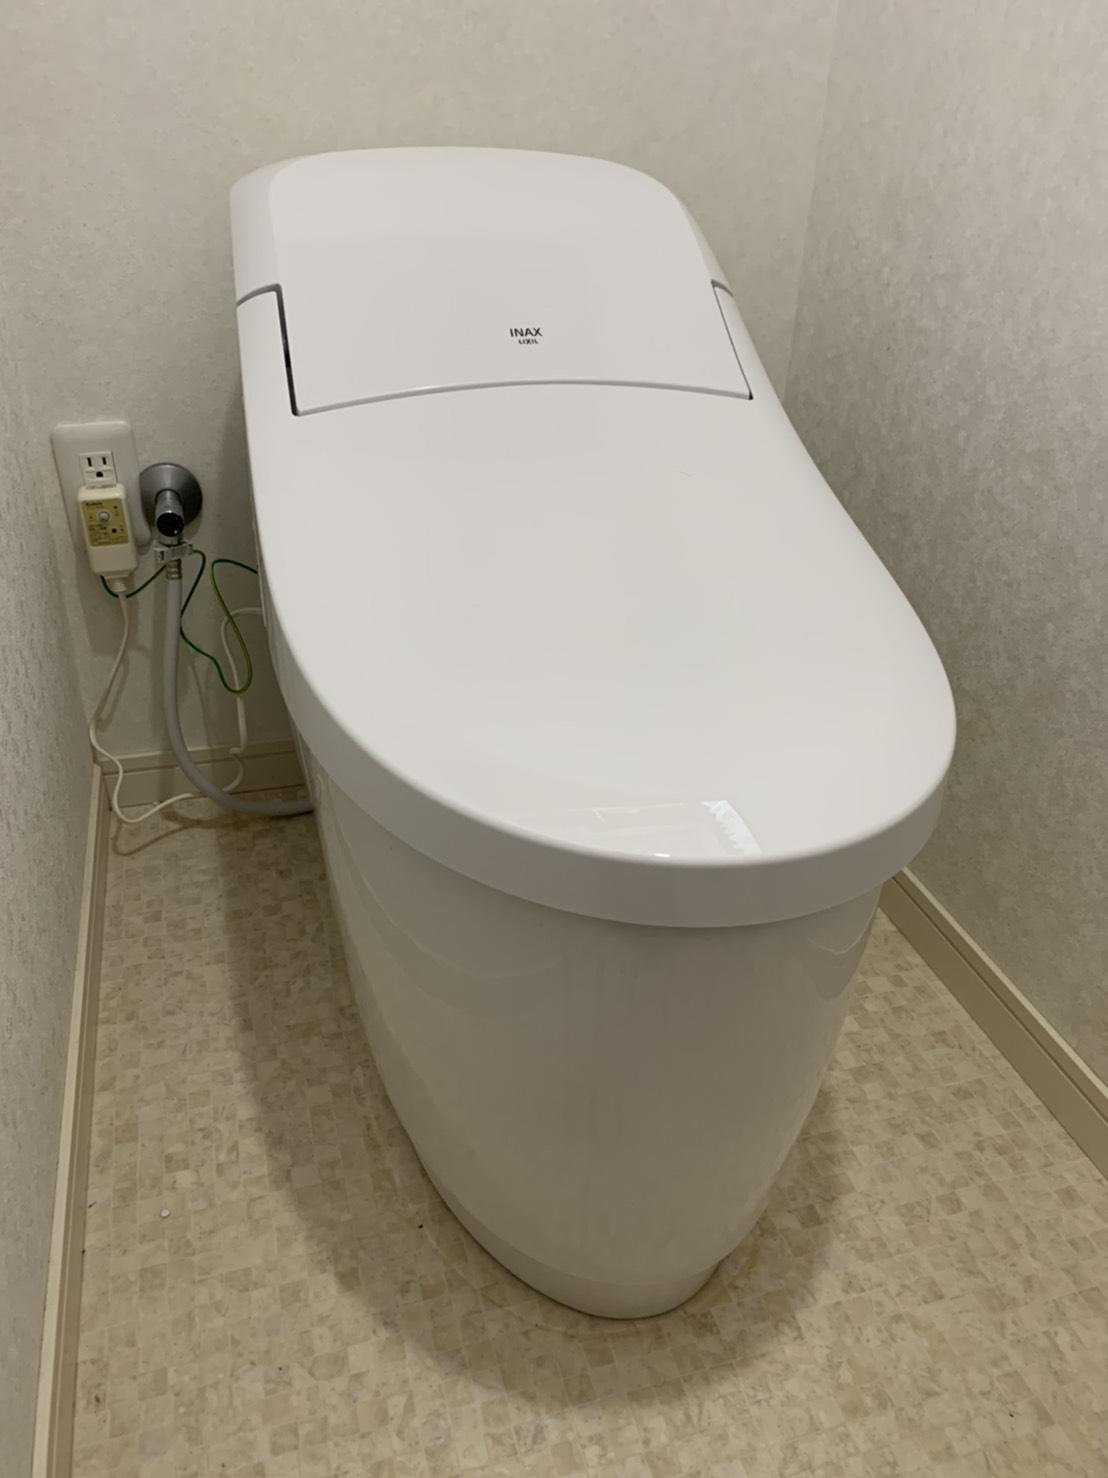 豊明市 LIXILリトイレ プレアスLS トイレ改修工事 2019/12/31